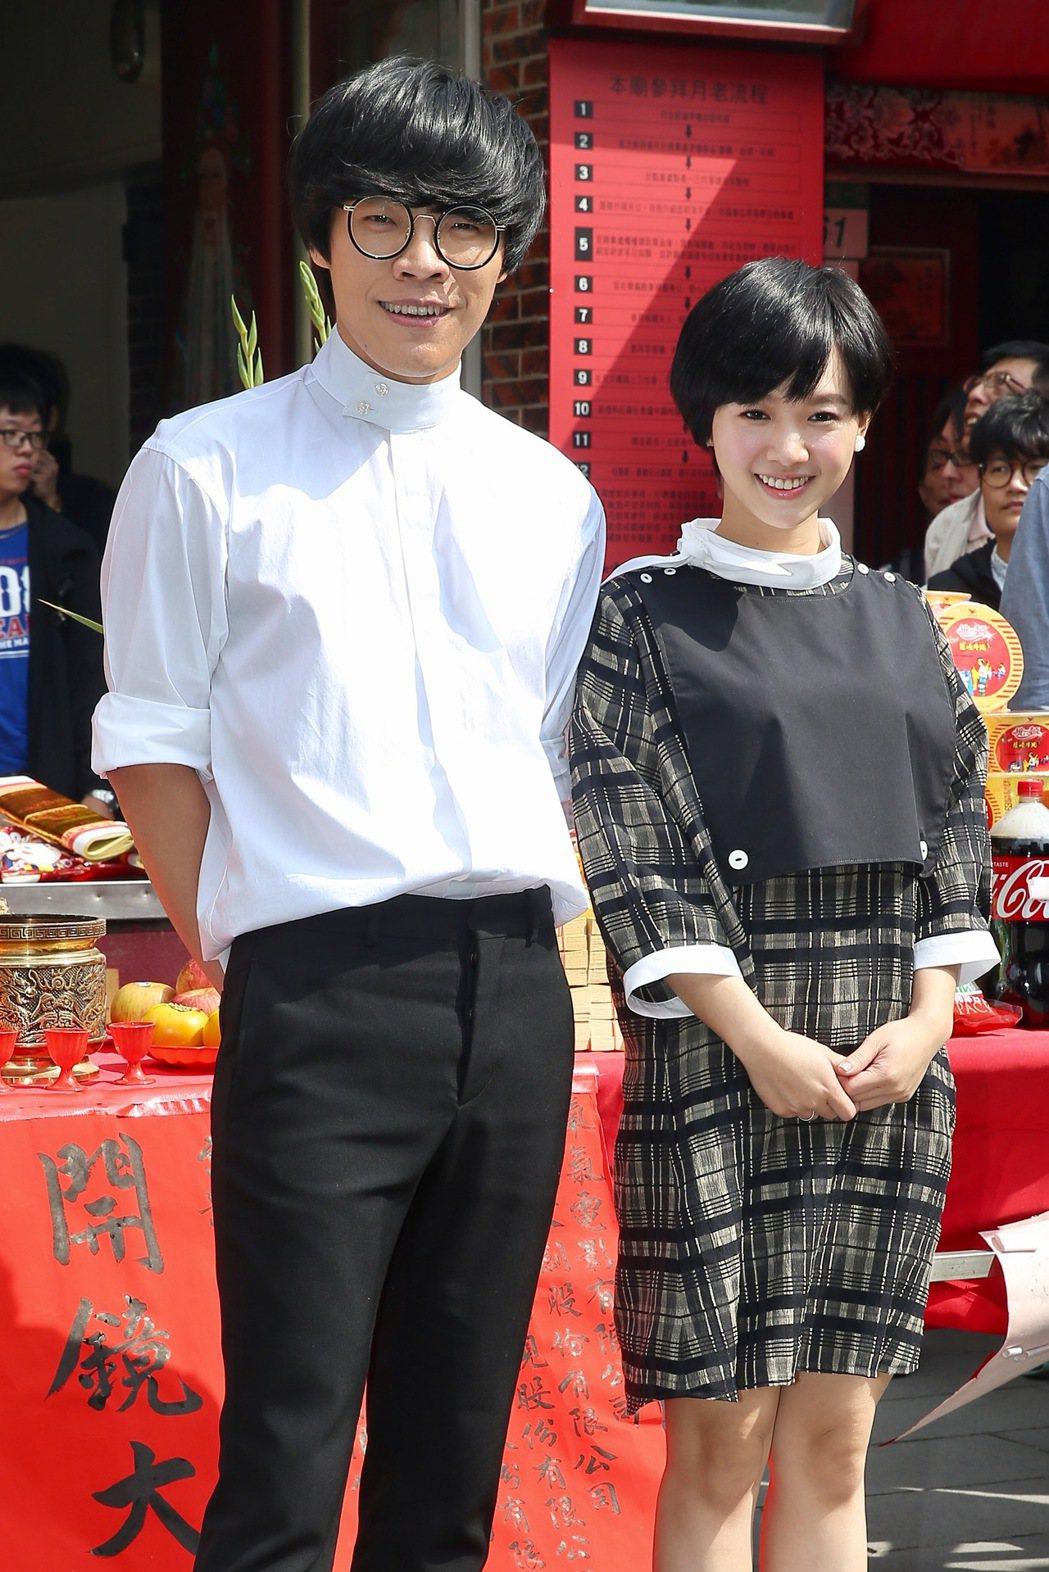 電影「花甲大人轉男孩」舉行開鏡記者會,盧廣仲(左)與嚴正嵐(右)出席。記者林伯東...